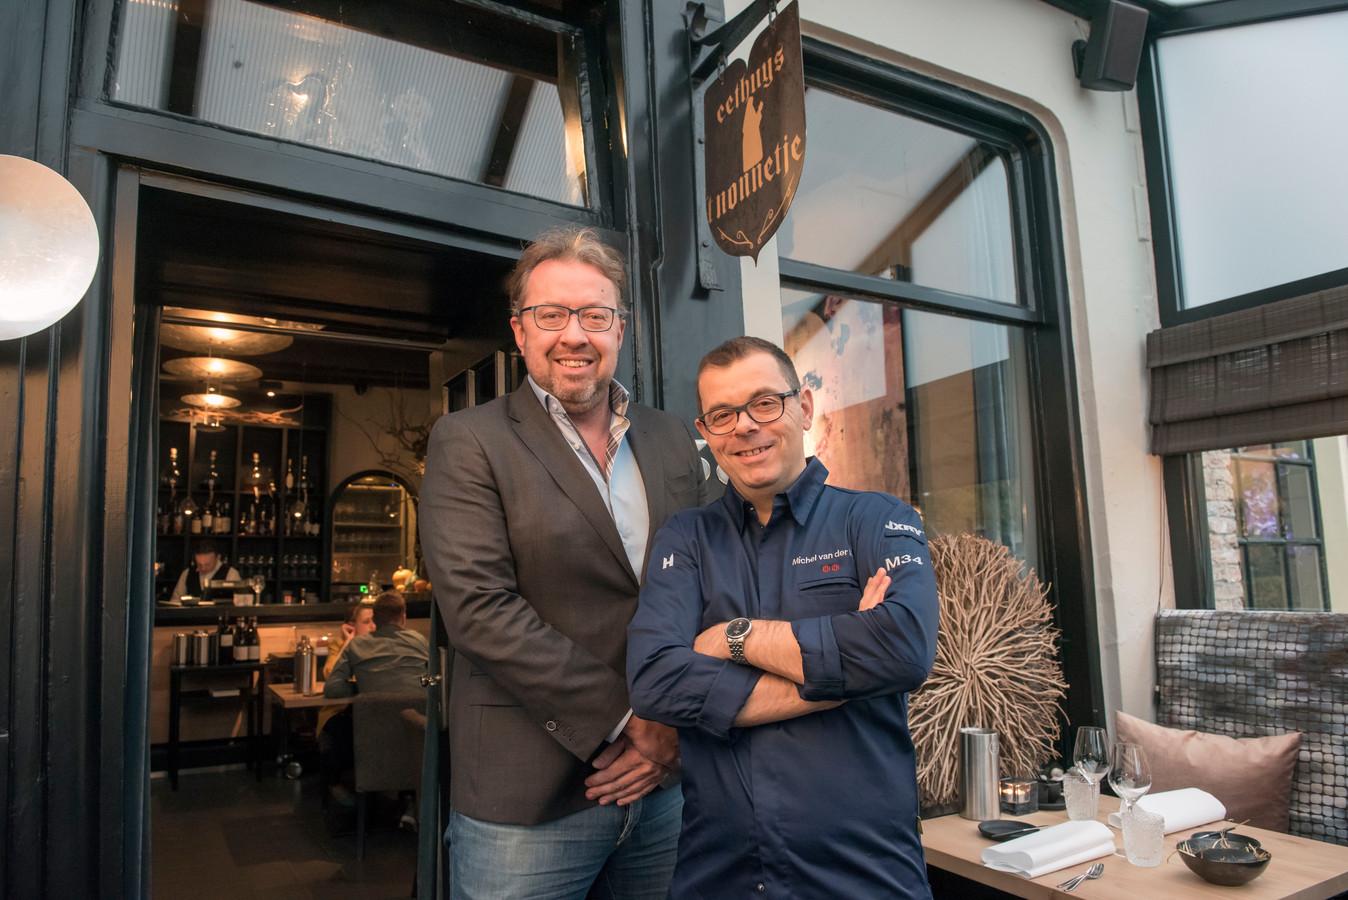 Restaurant t Nonnetje in Harderwijk van eigenaar Robert Jan Nijland en chefkok Michel van der Kroft stijgen een half punt in de Gault&Millau-ranglijst en belanden daarmee in de tp 10 van beste Nederlandse restaurants volgens die lijst.